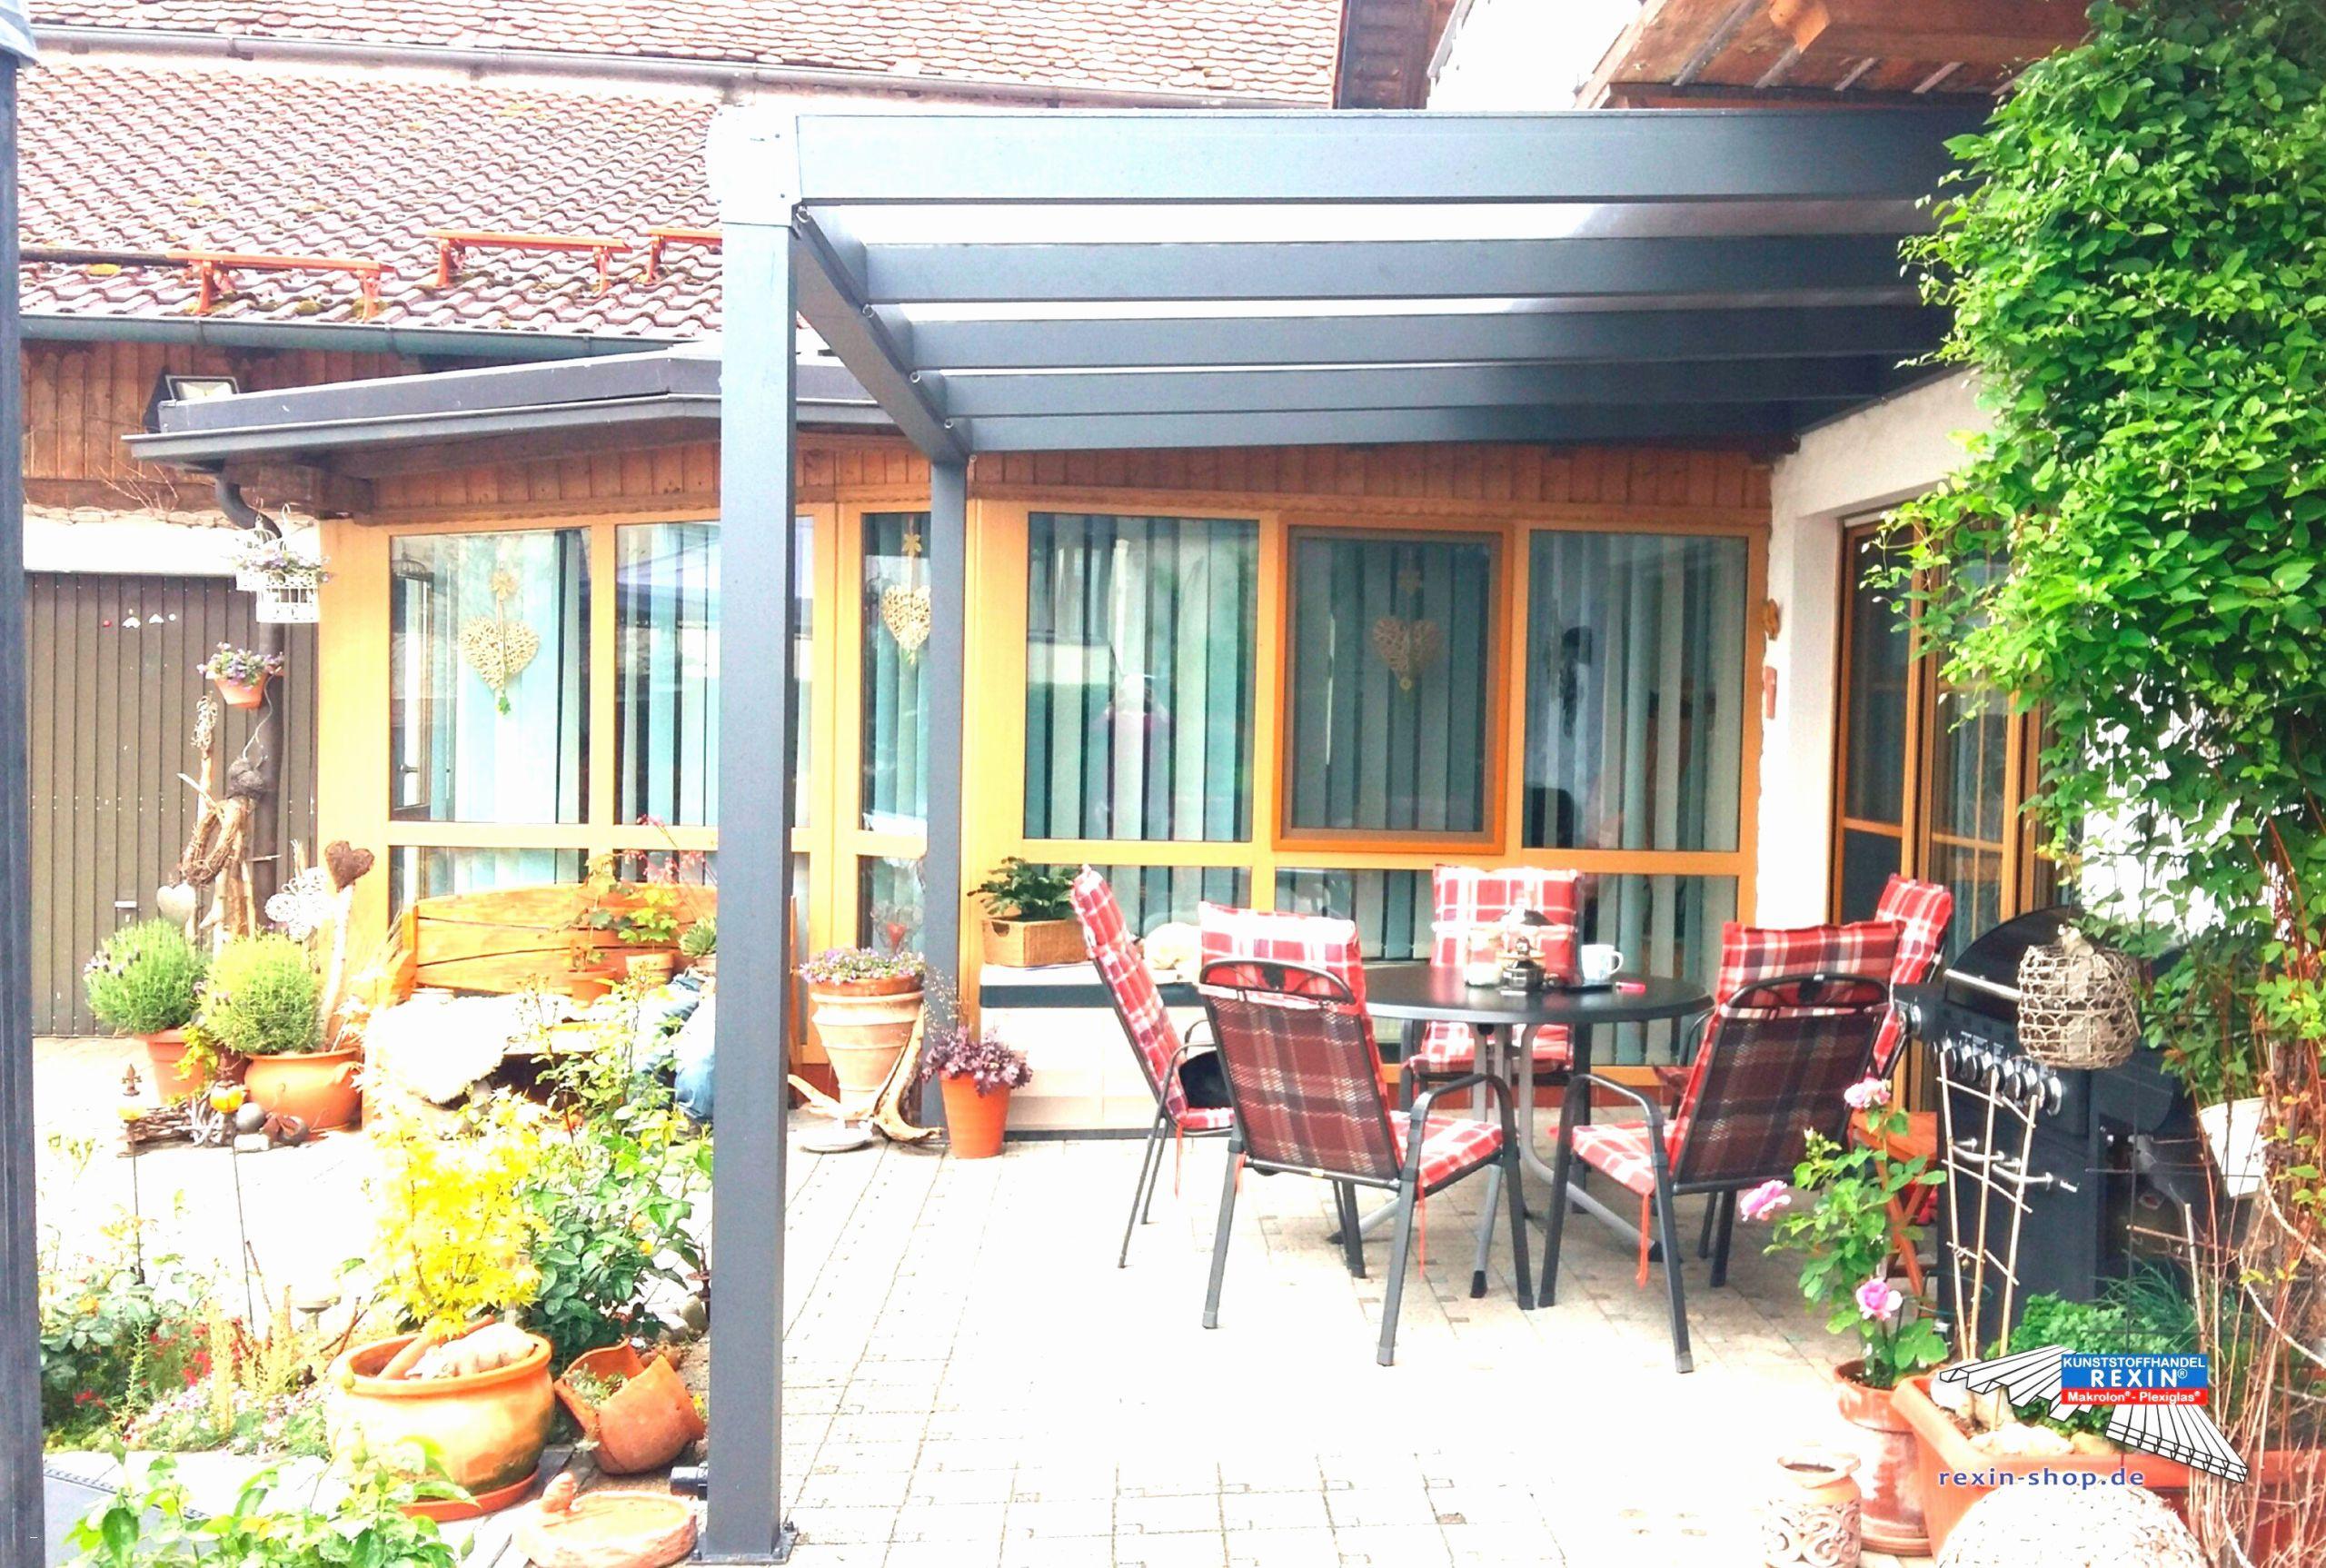 terrasse bauen lassen preis frisch terrasse boden schon veranda terrasse glasschiebewand terrasse 0d of terrasse bauen lassen preis